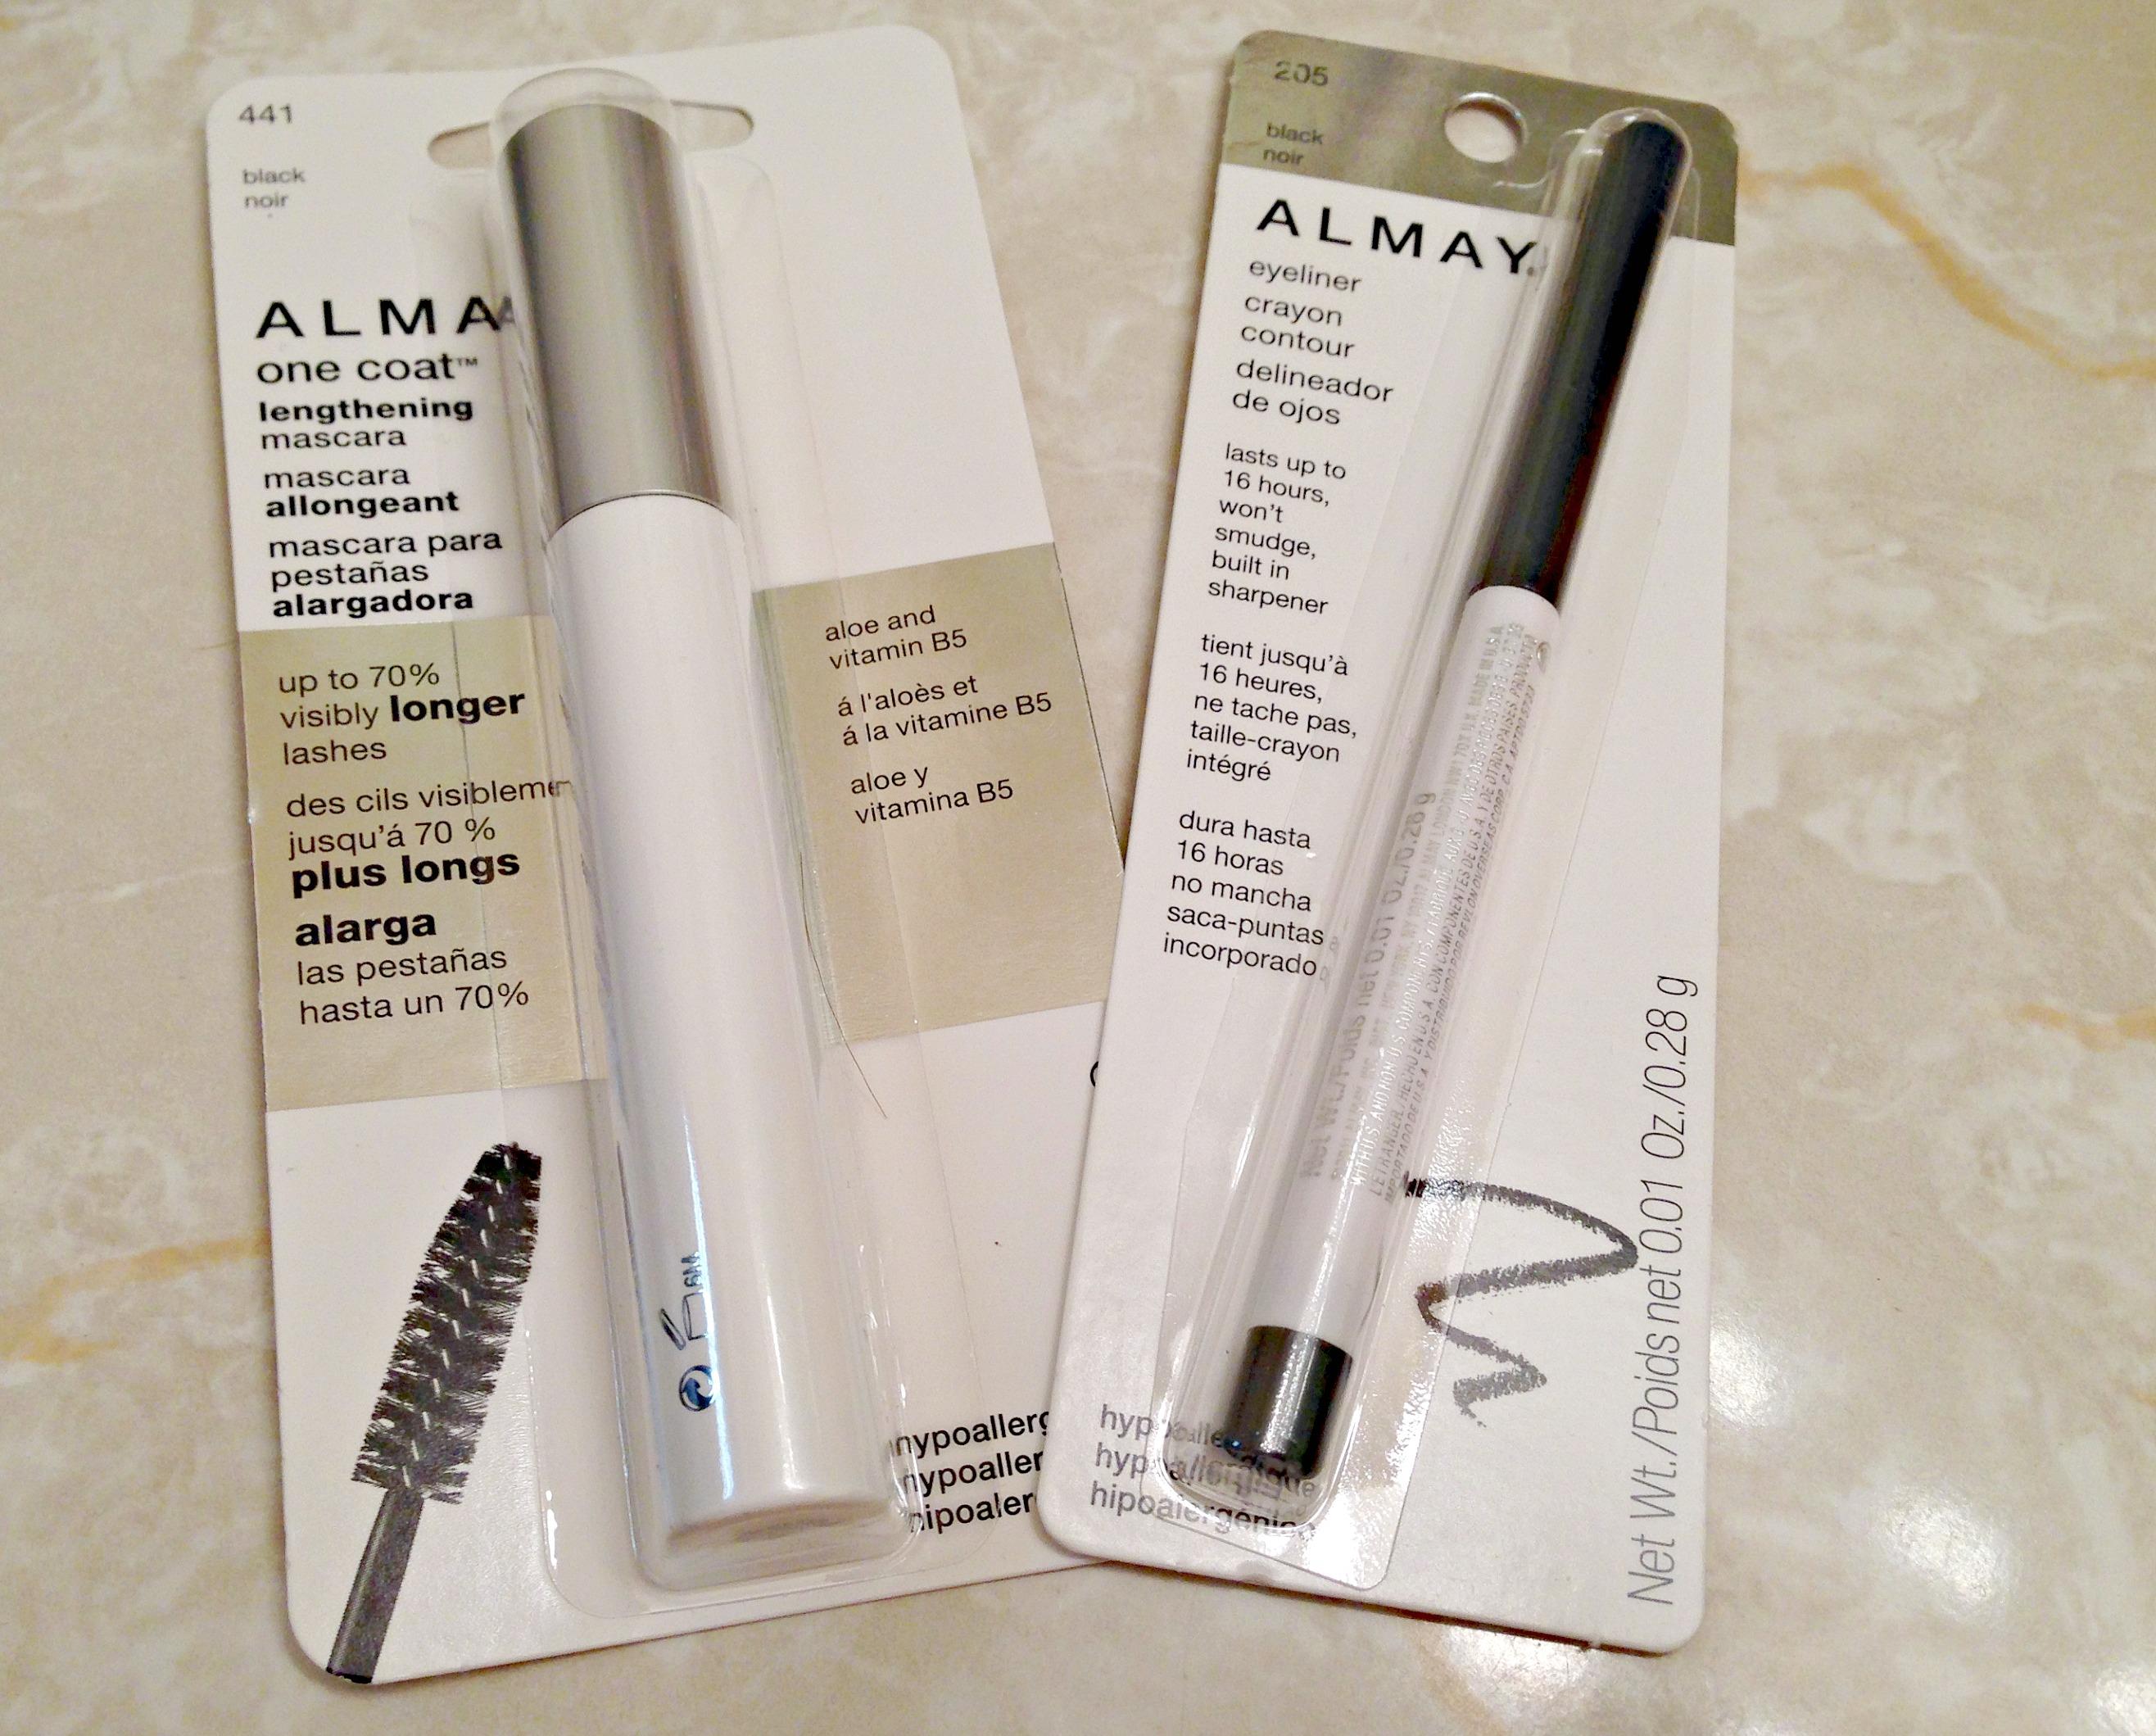 Almay eyeliner and mascara